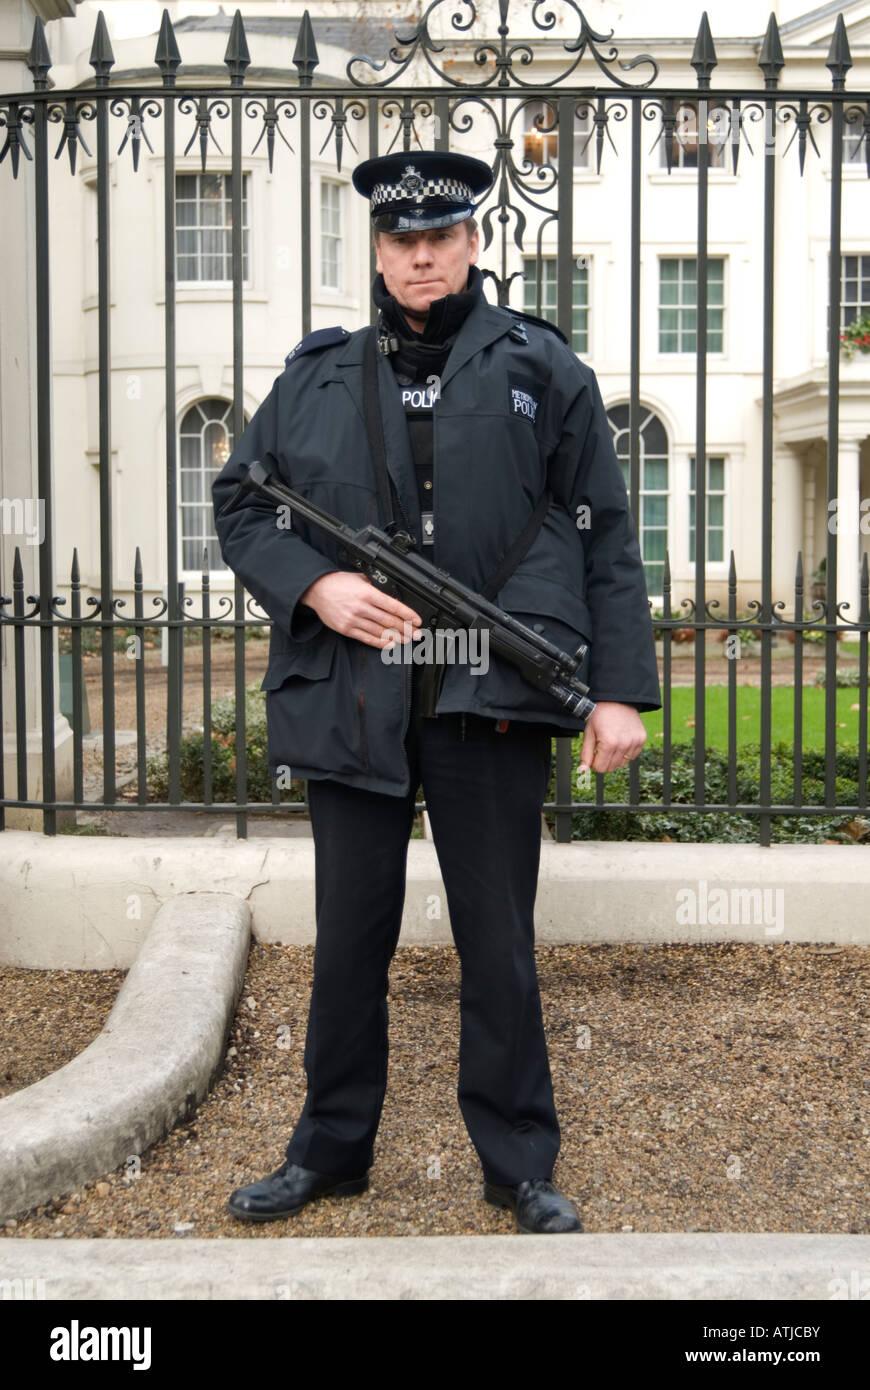 Il poliziotto armato tenendo un Heckler e Koch mitragliatore, Londra Inghilterra REGNO UNITO Immagini Stock